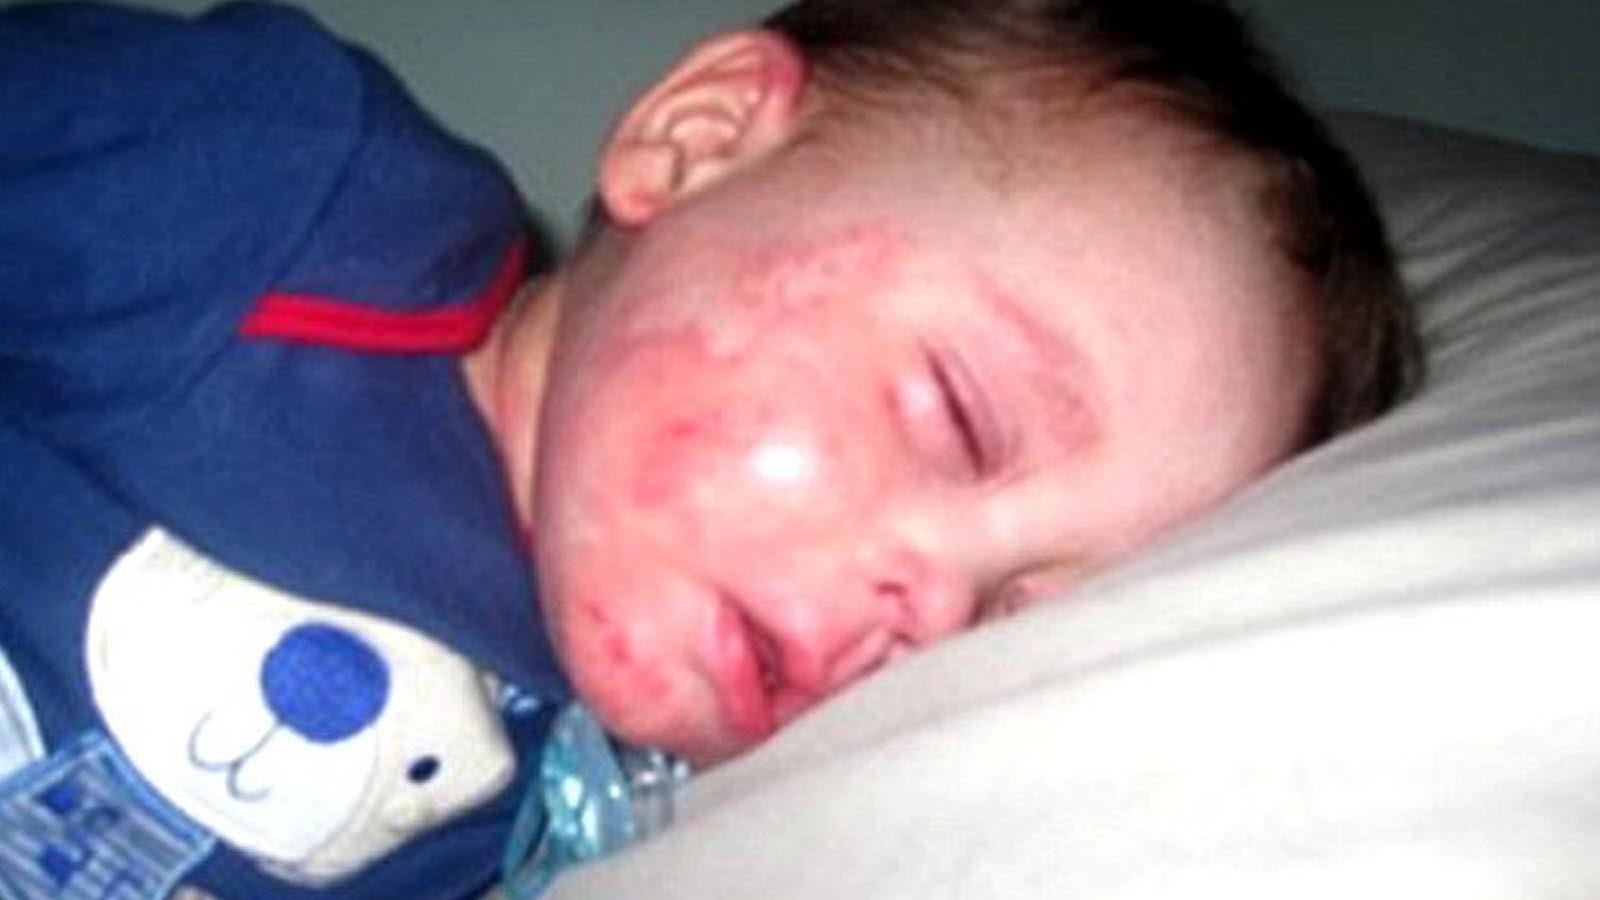 「ママお願い、僕を死なせて。」5歳の男児が自分の誕生日に言った言葉に母号泣